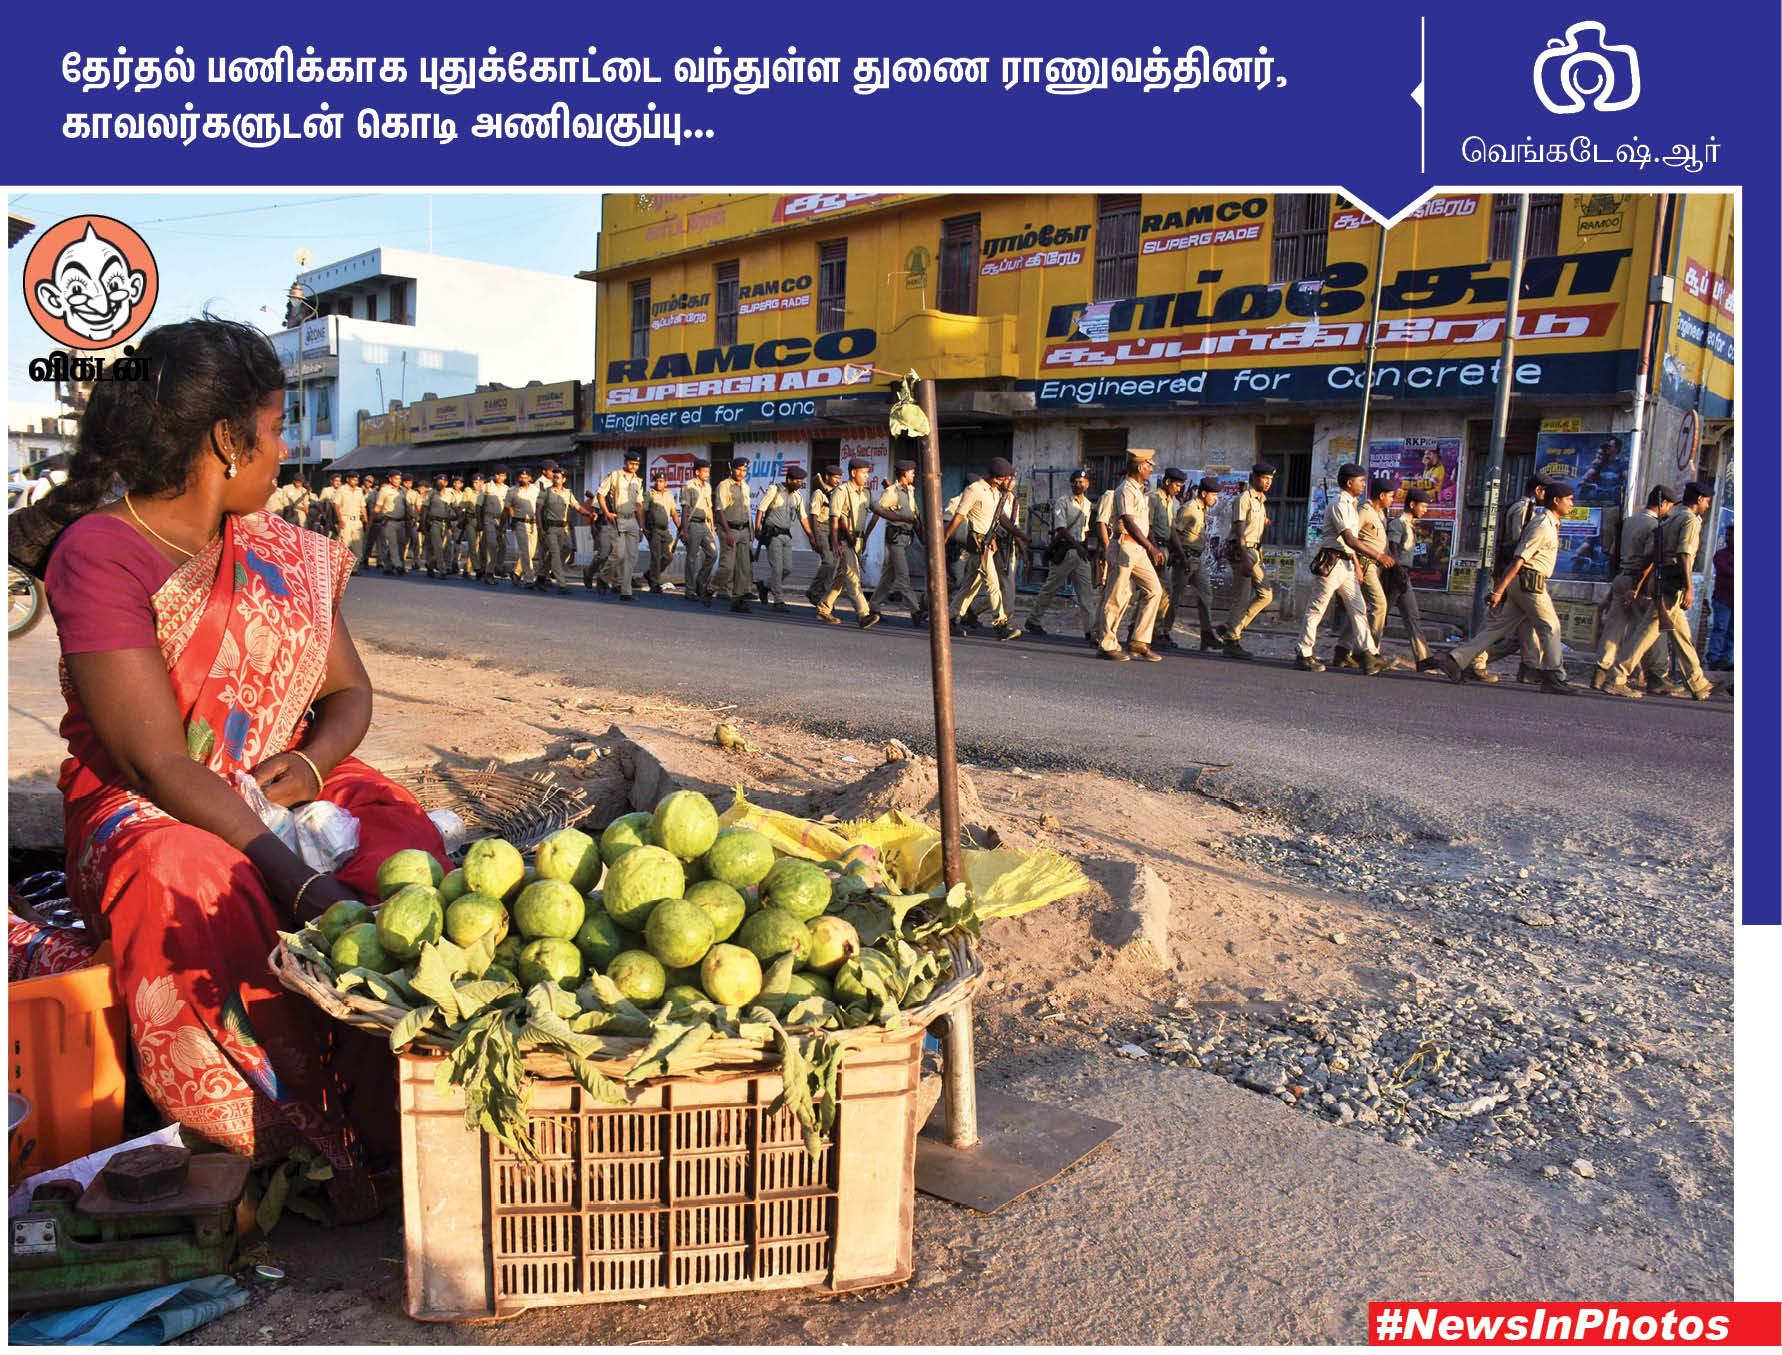 தி.மு.க வேட்பாளரை ஆதரிக்கும் லியோனி... மேம்பாலத்தில் அமைக்கப்பட்டுள்ள சுவர் தோட்டம்... #NewsInPhotos